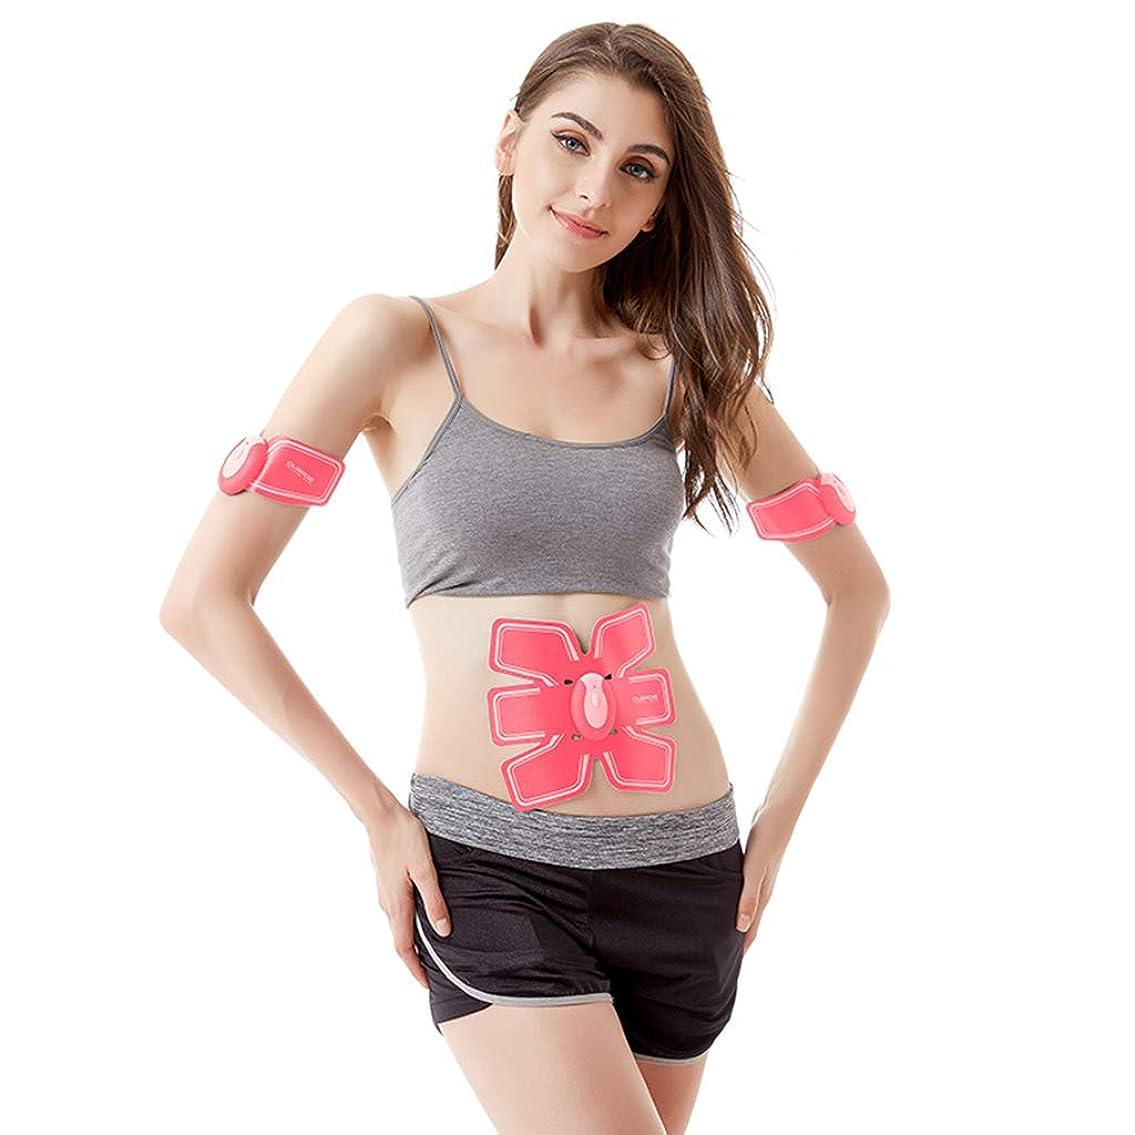 舗装する開梱はがき腹部の調子を整えるベルト、腹部の筋肉フィットネスベルトのホームオフィスの腹部筋肉トレーナーの女性スマートフィットネス器械筋肉腹部トレーナーボディービルの腹ベルト (Color : PINK, Size : 17.8*15.2CM)